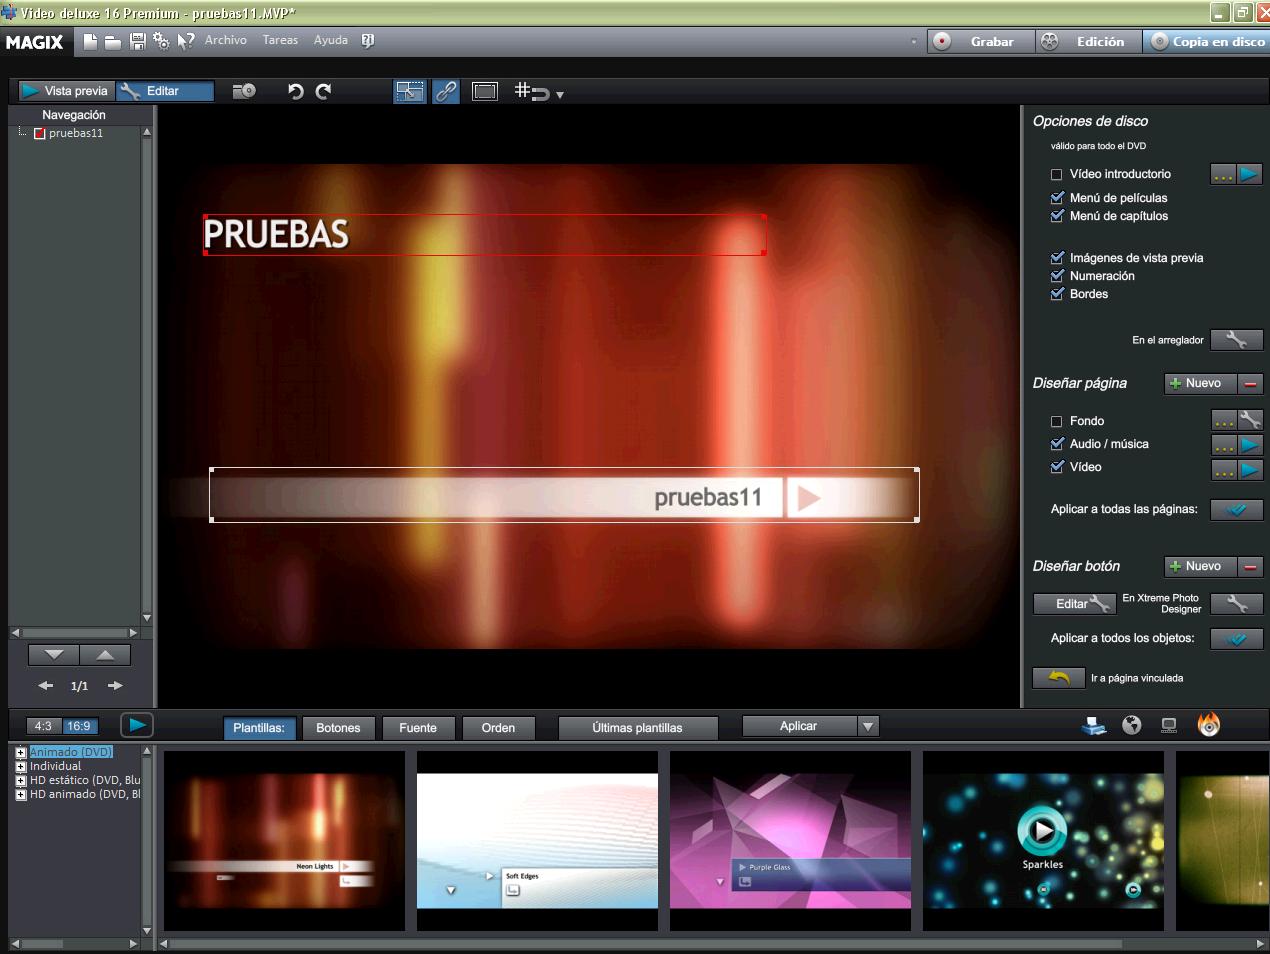 Creación de Discos con Magix Video Deluxe 16 (Pincha en la imagen para ampliar)